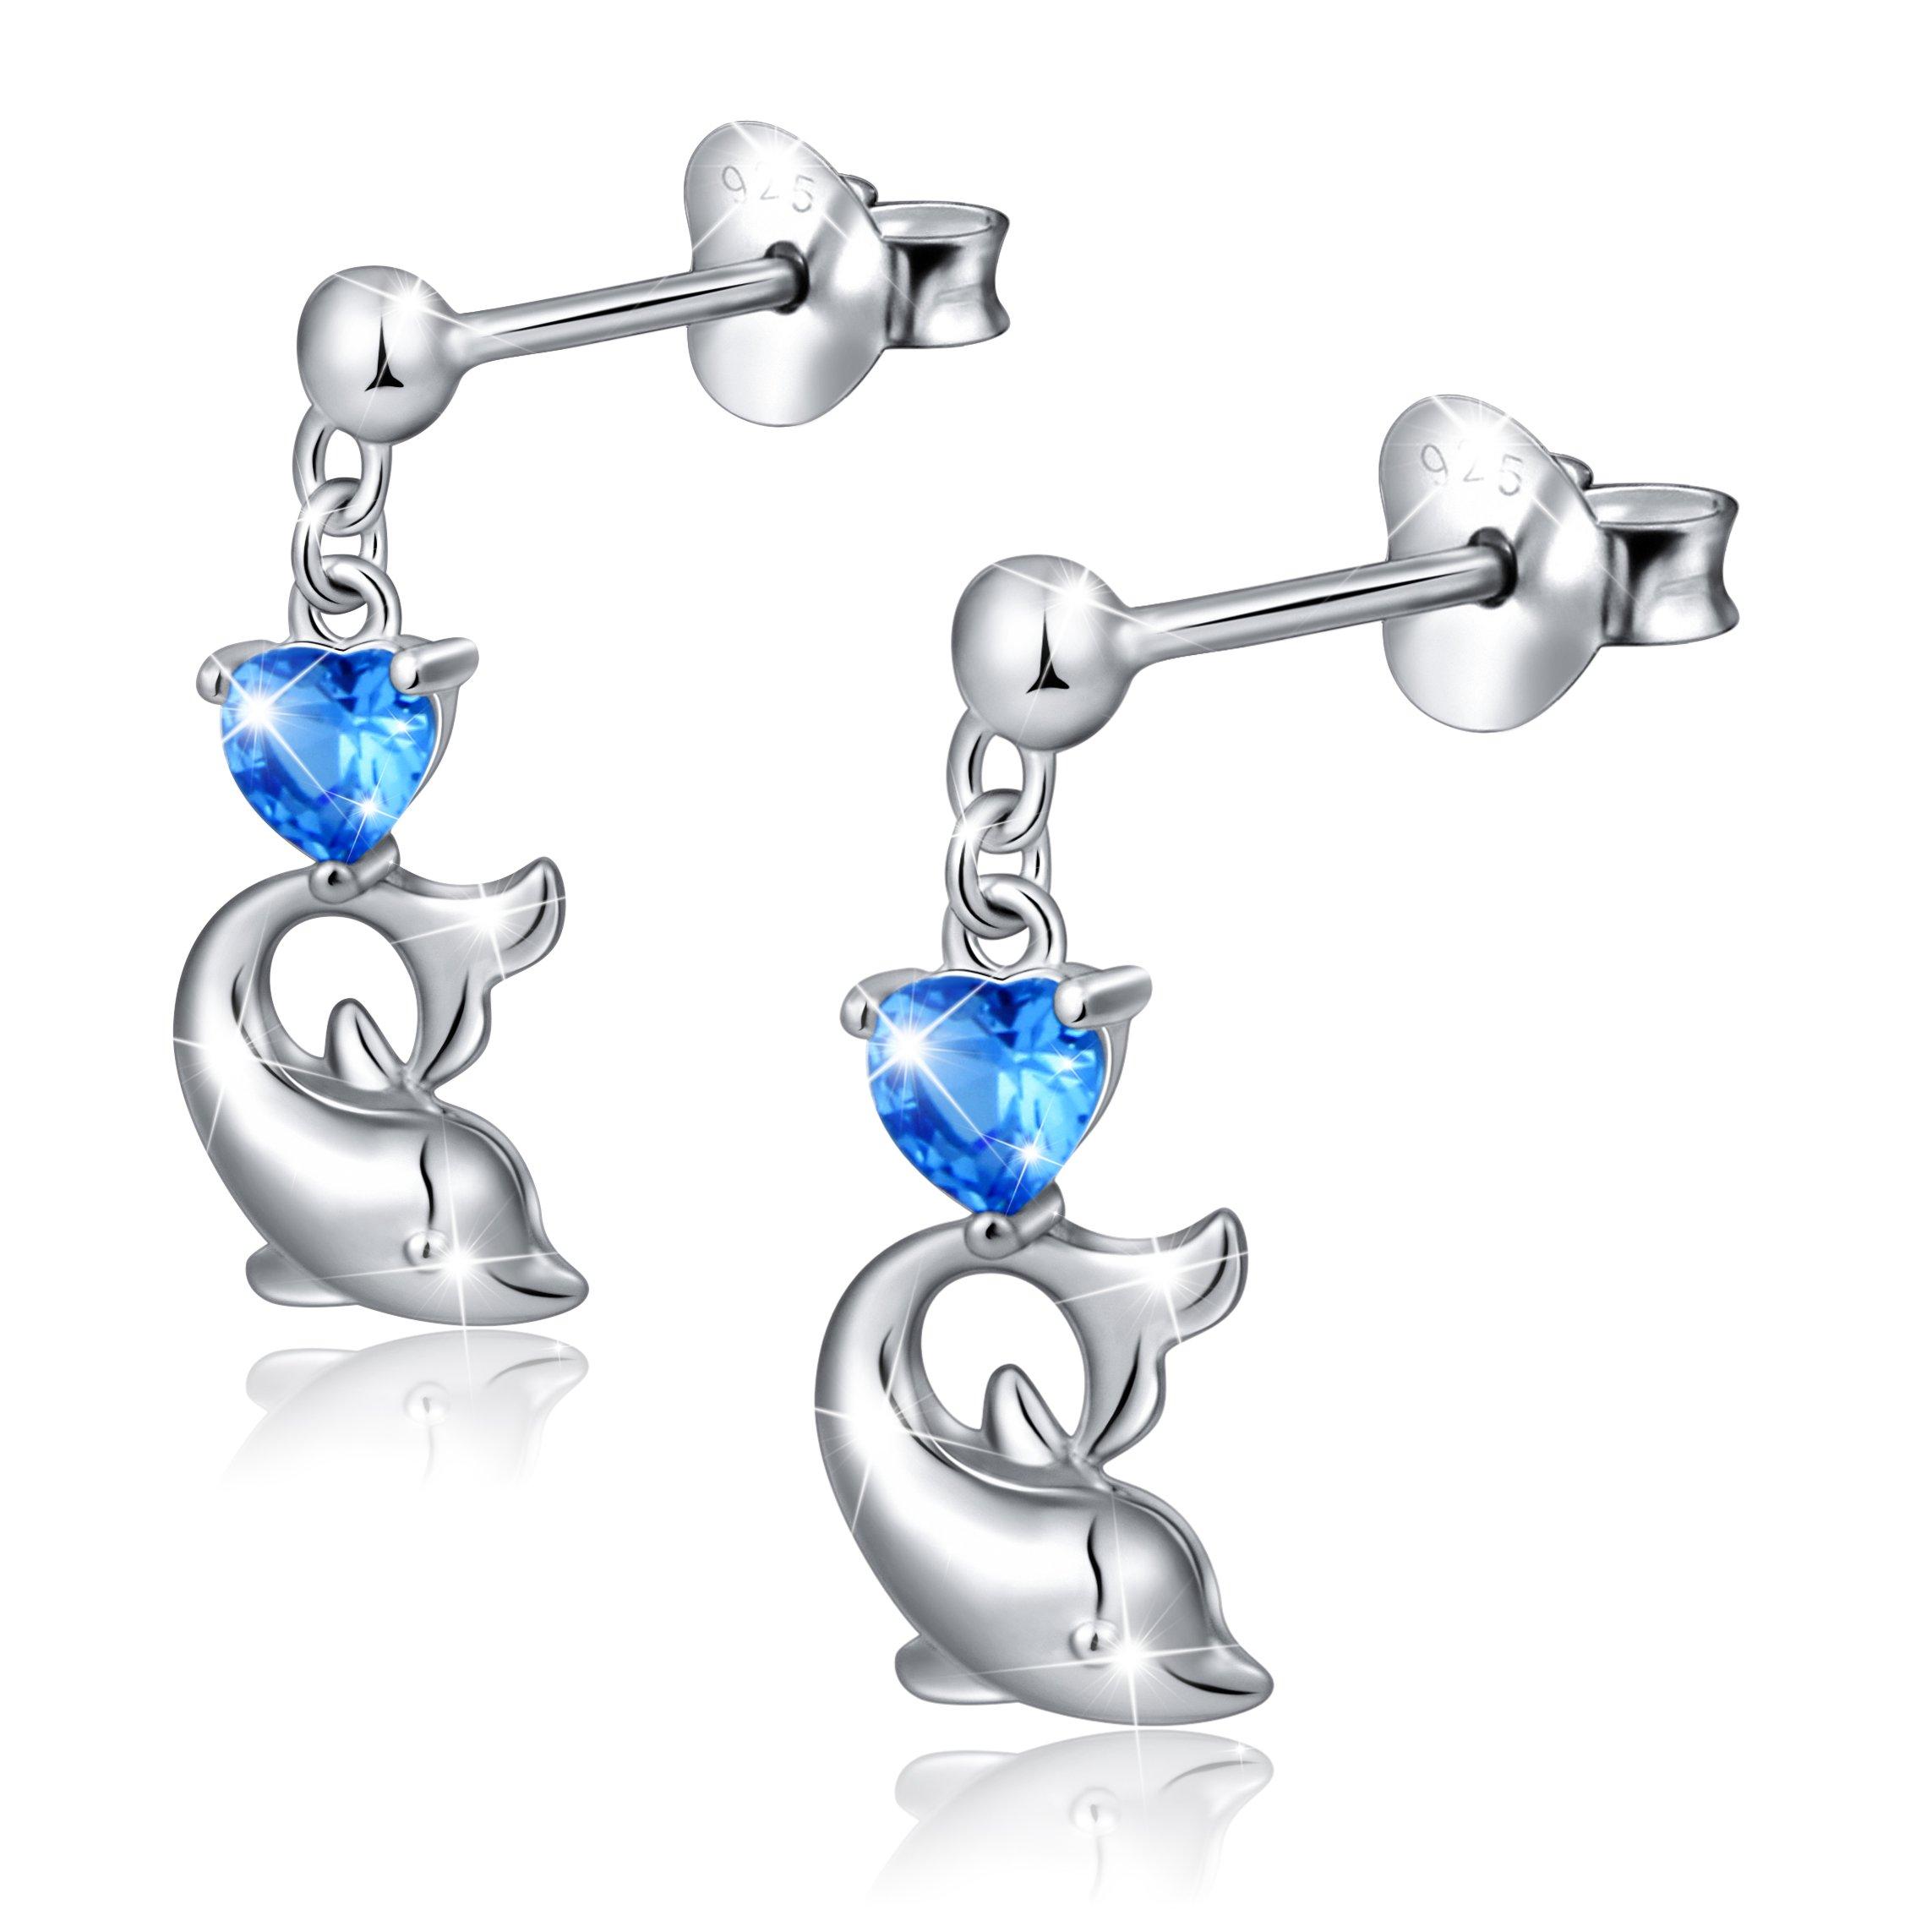 LINLIN FINE JEWELRY 925 Sterling Silver Cubic Zirconia Blue Cz Heart Dolphin Stud Earrings for Women